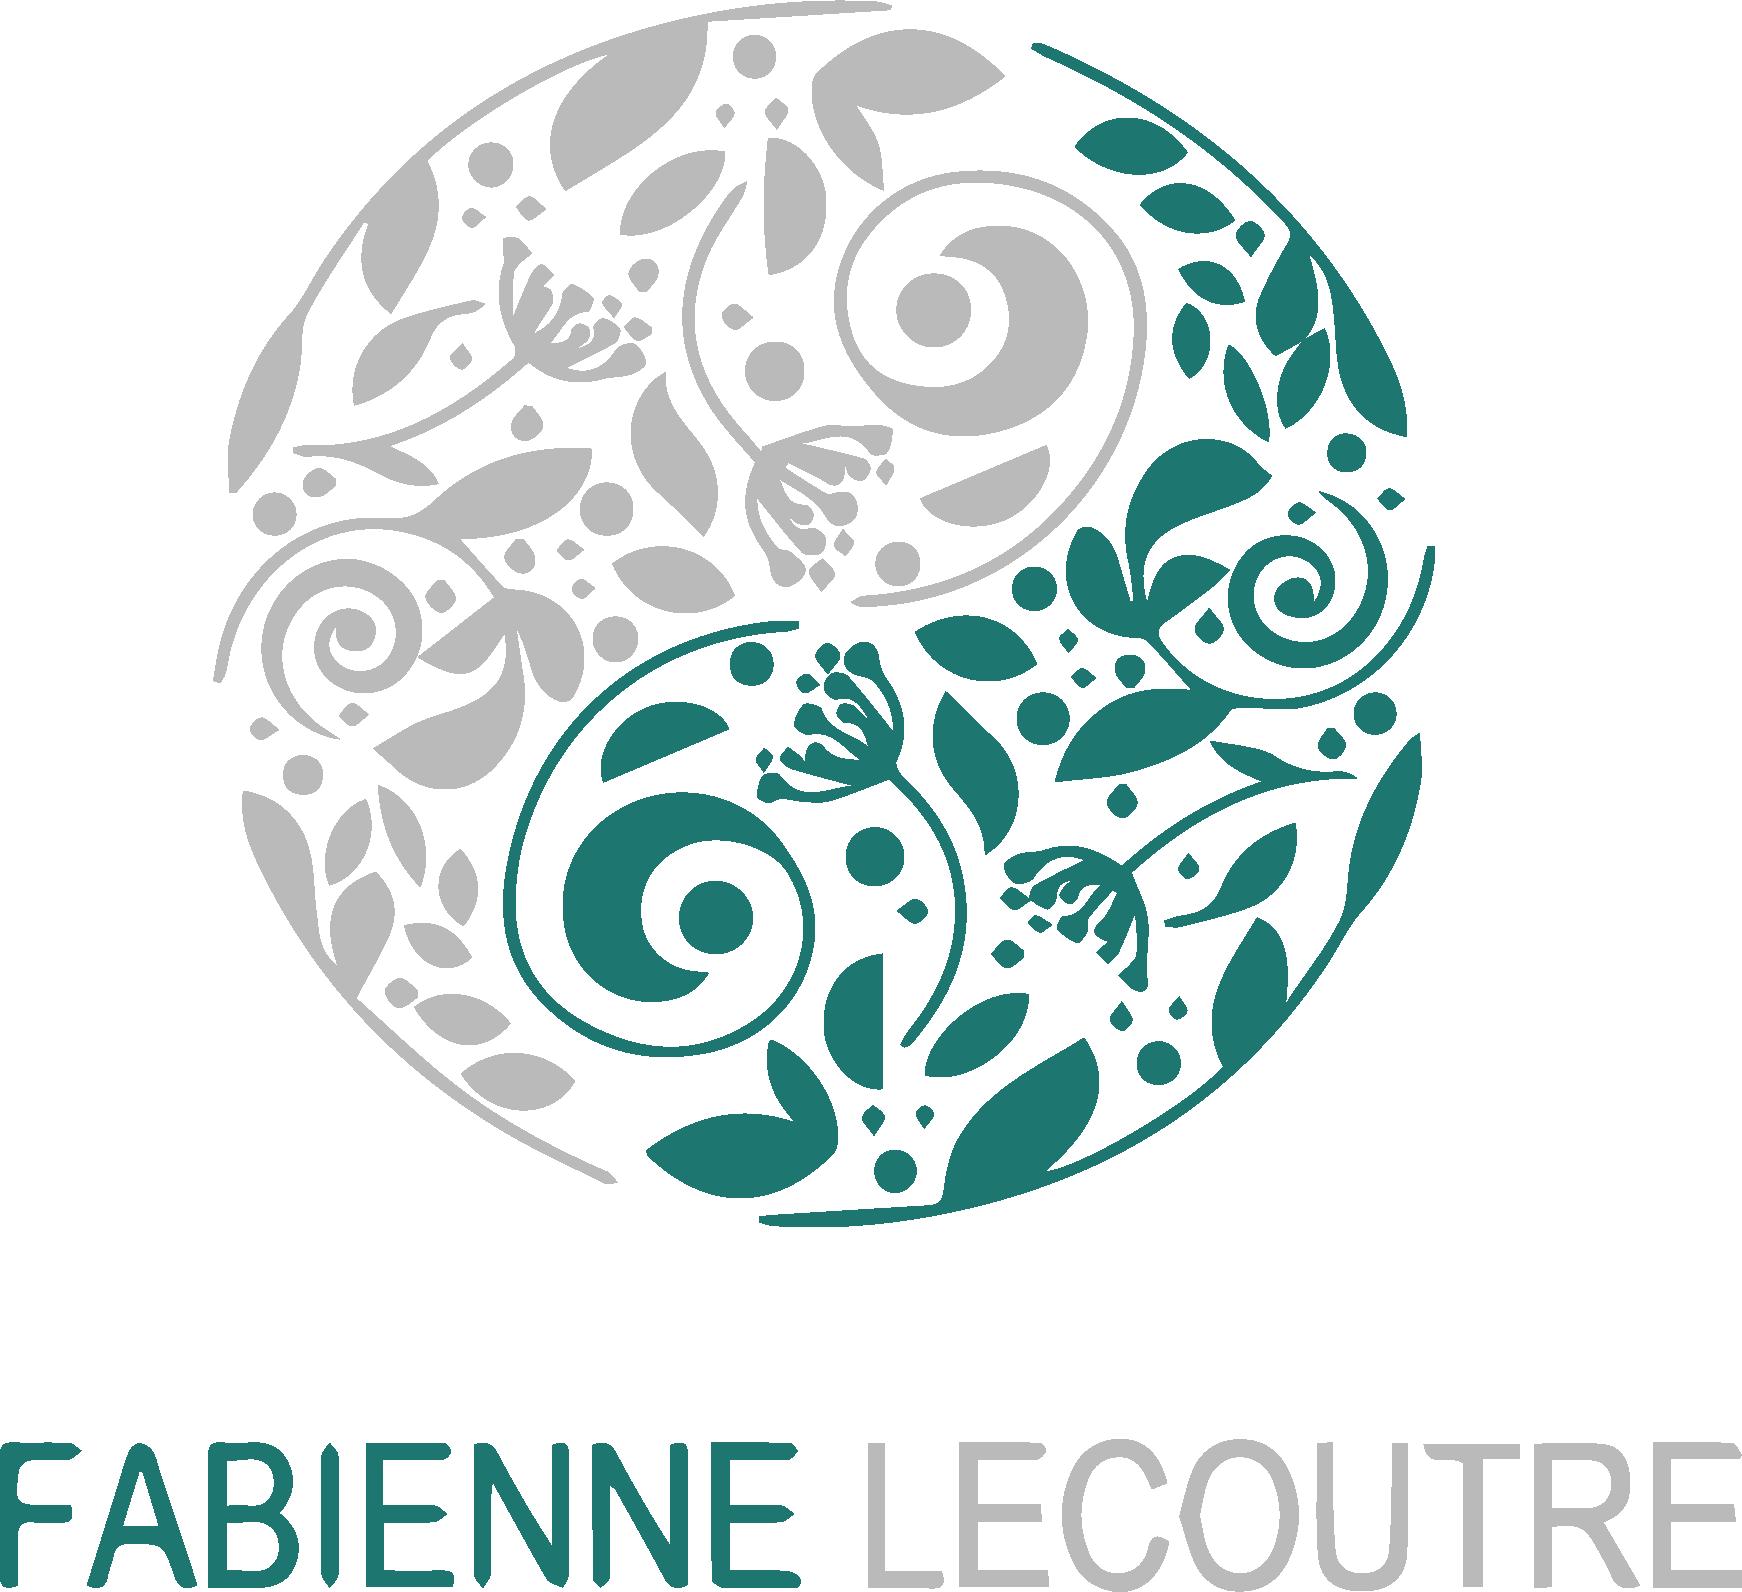 Fabienne Lecoutre